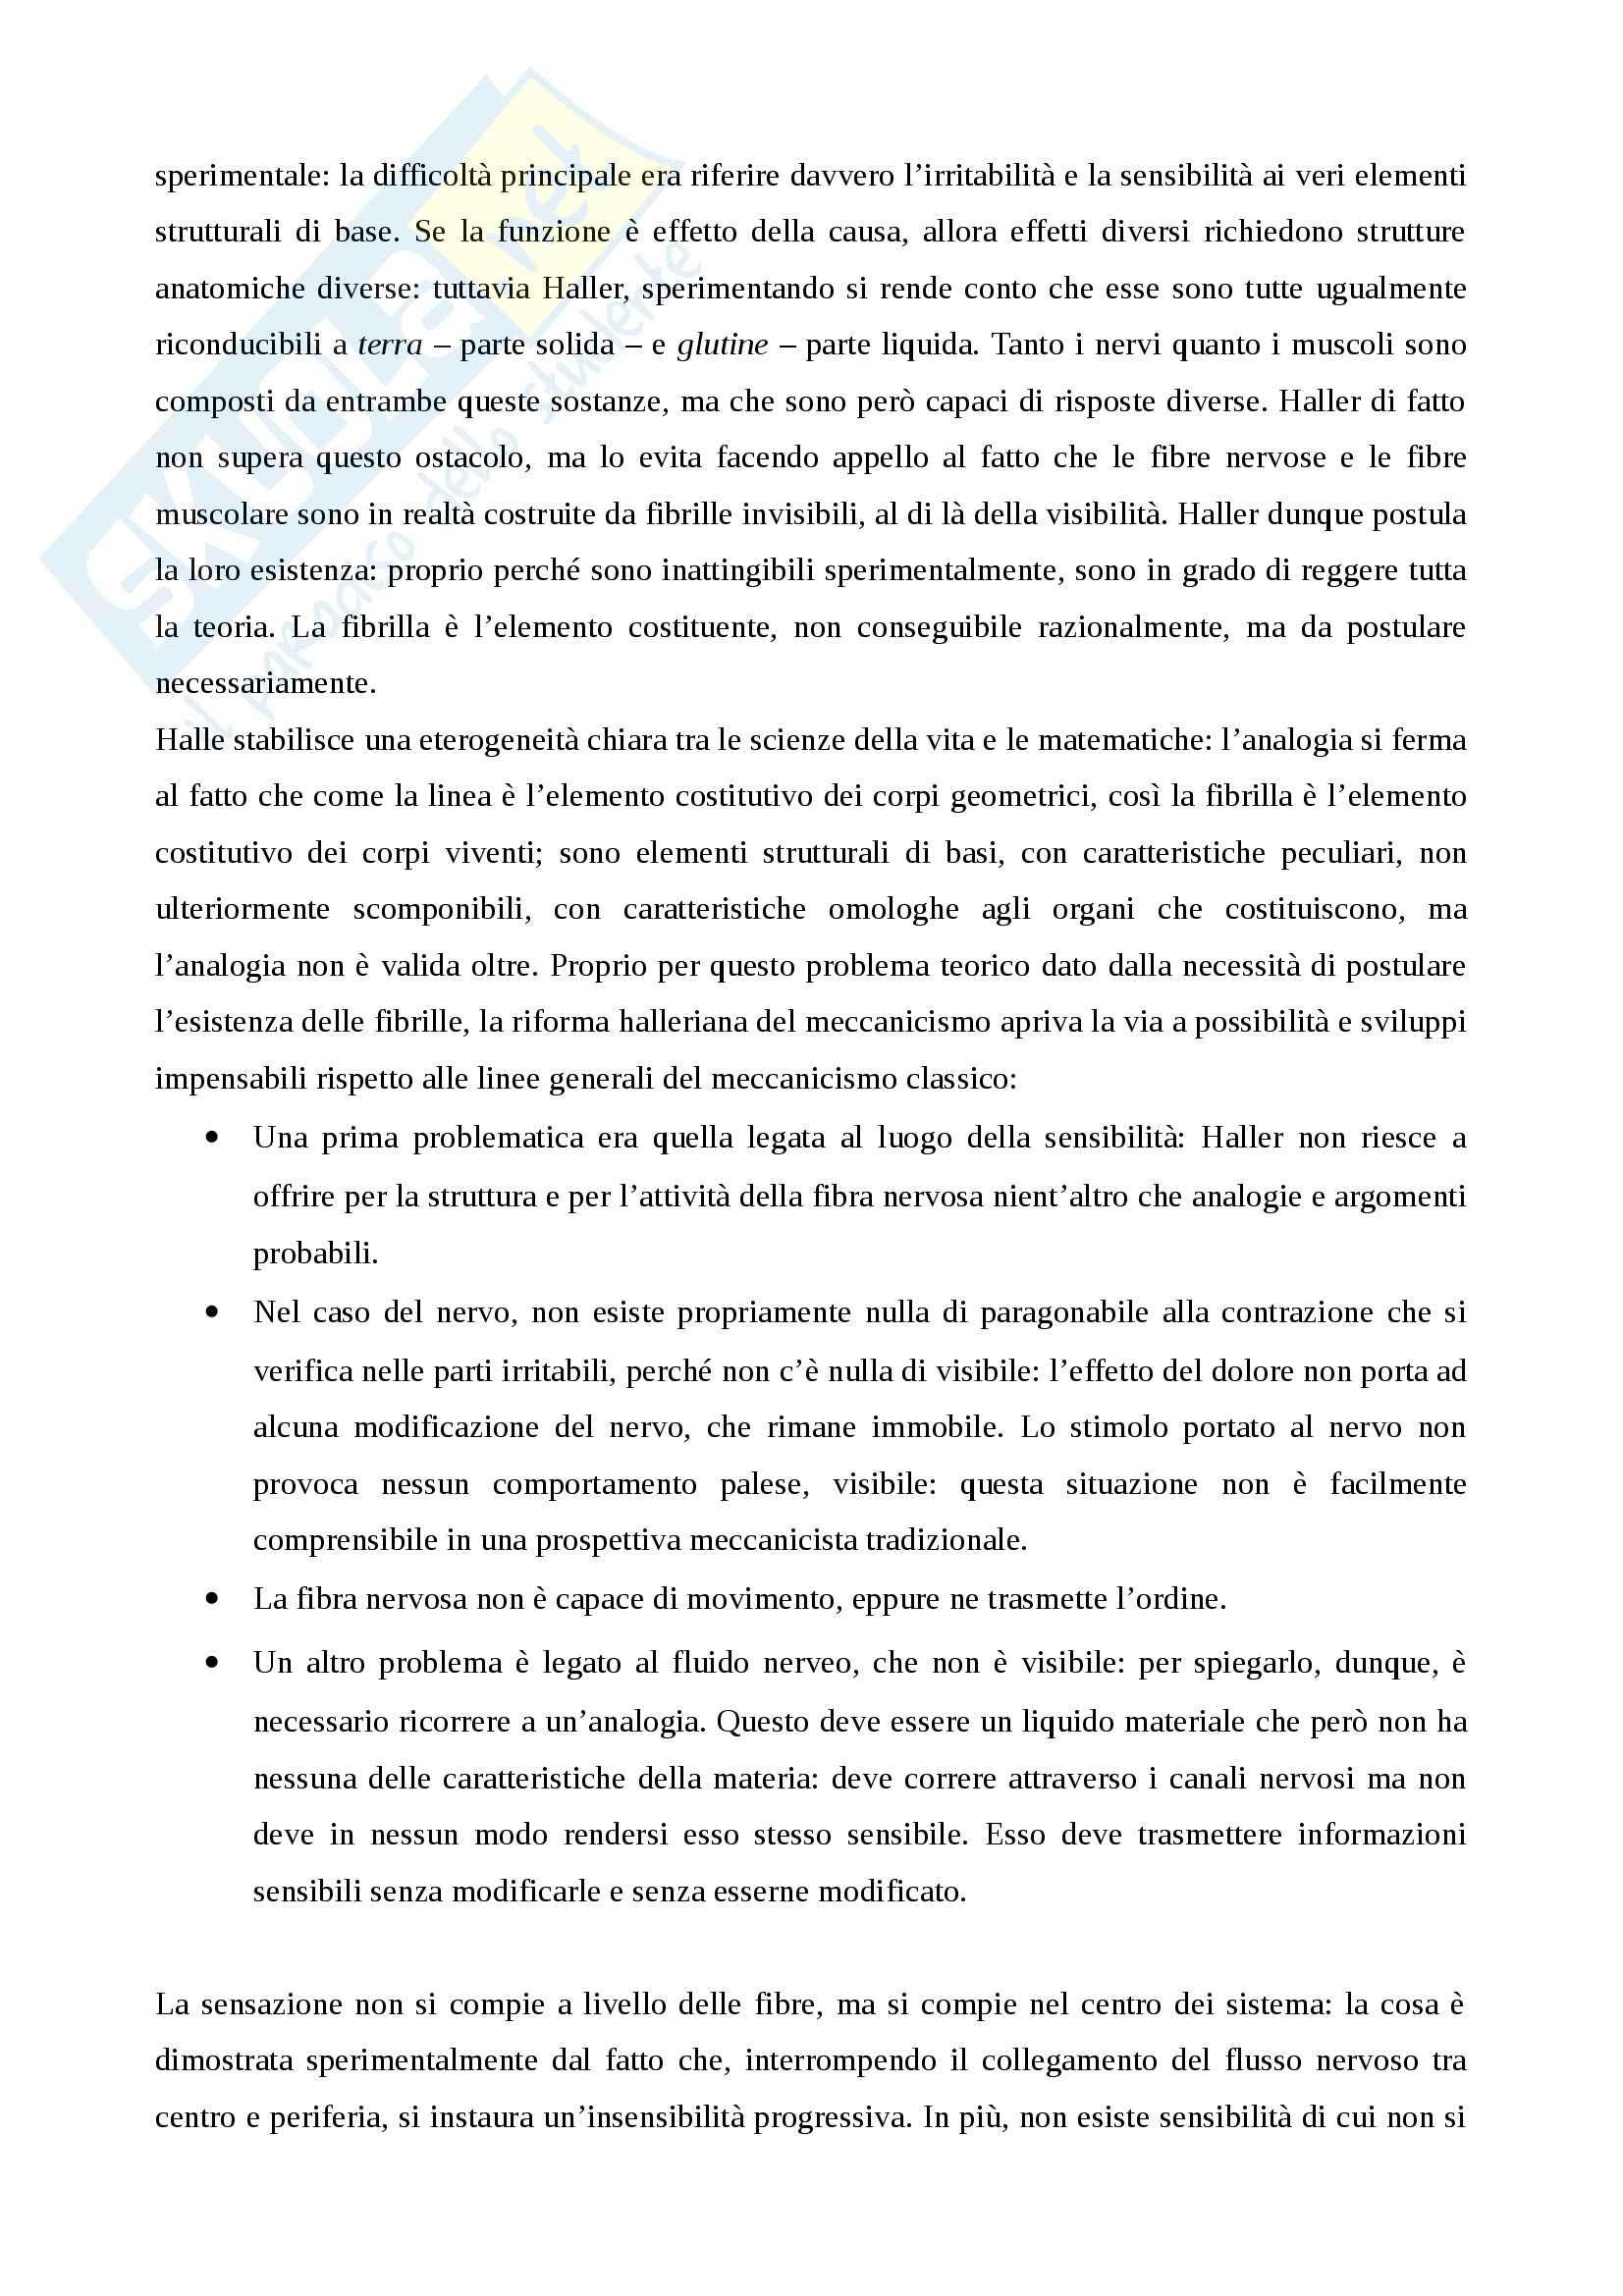 Riassunto esame storia della scienza, prof. Monti per esame di storia della scienza dell'età moderna nascita della fisiologia e meccanicismo Pag. 11